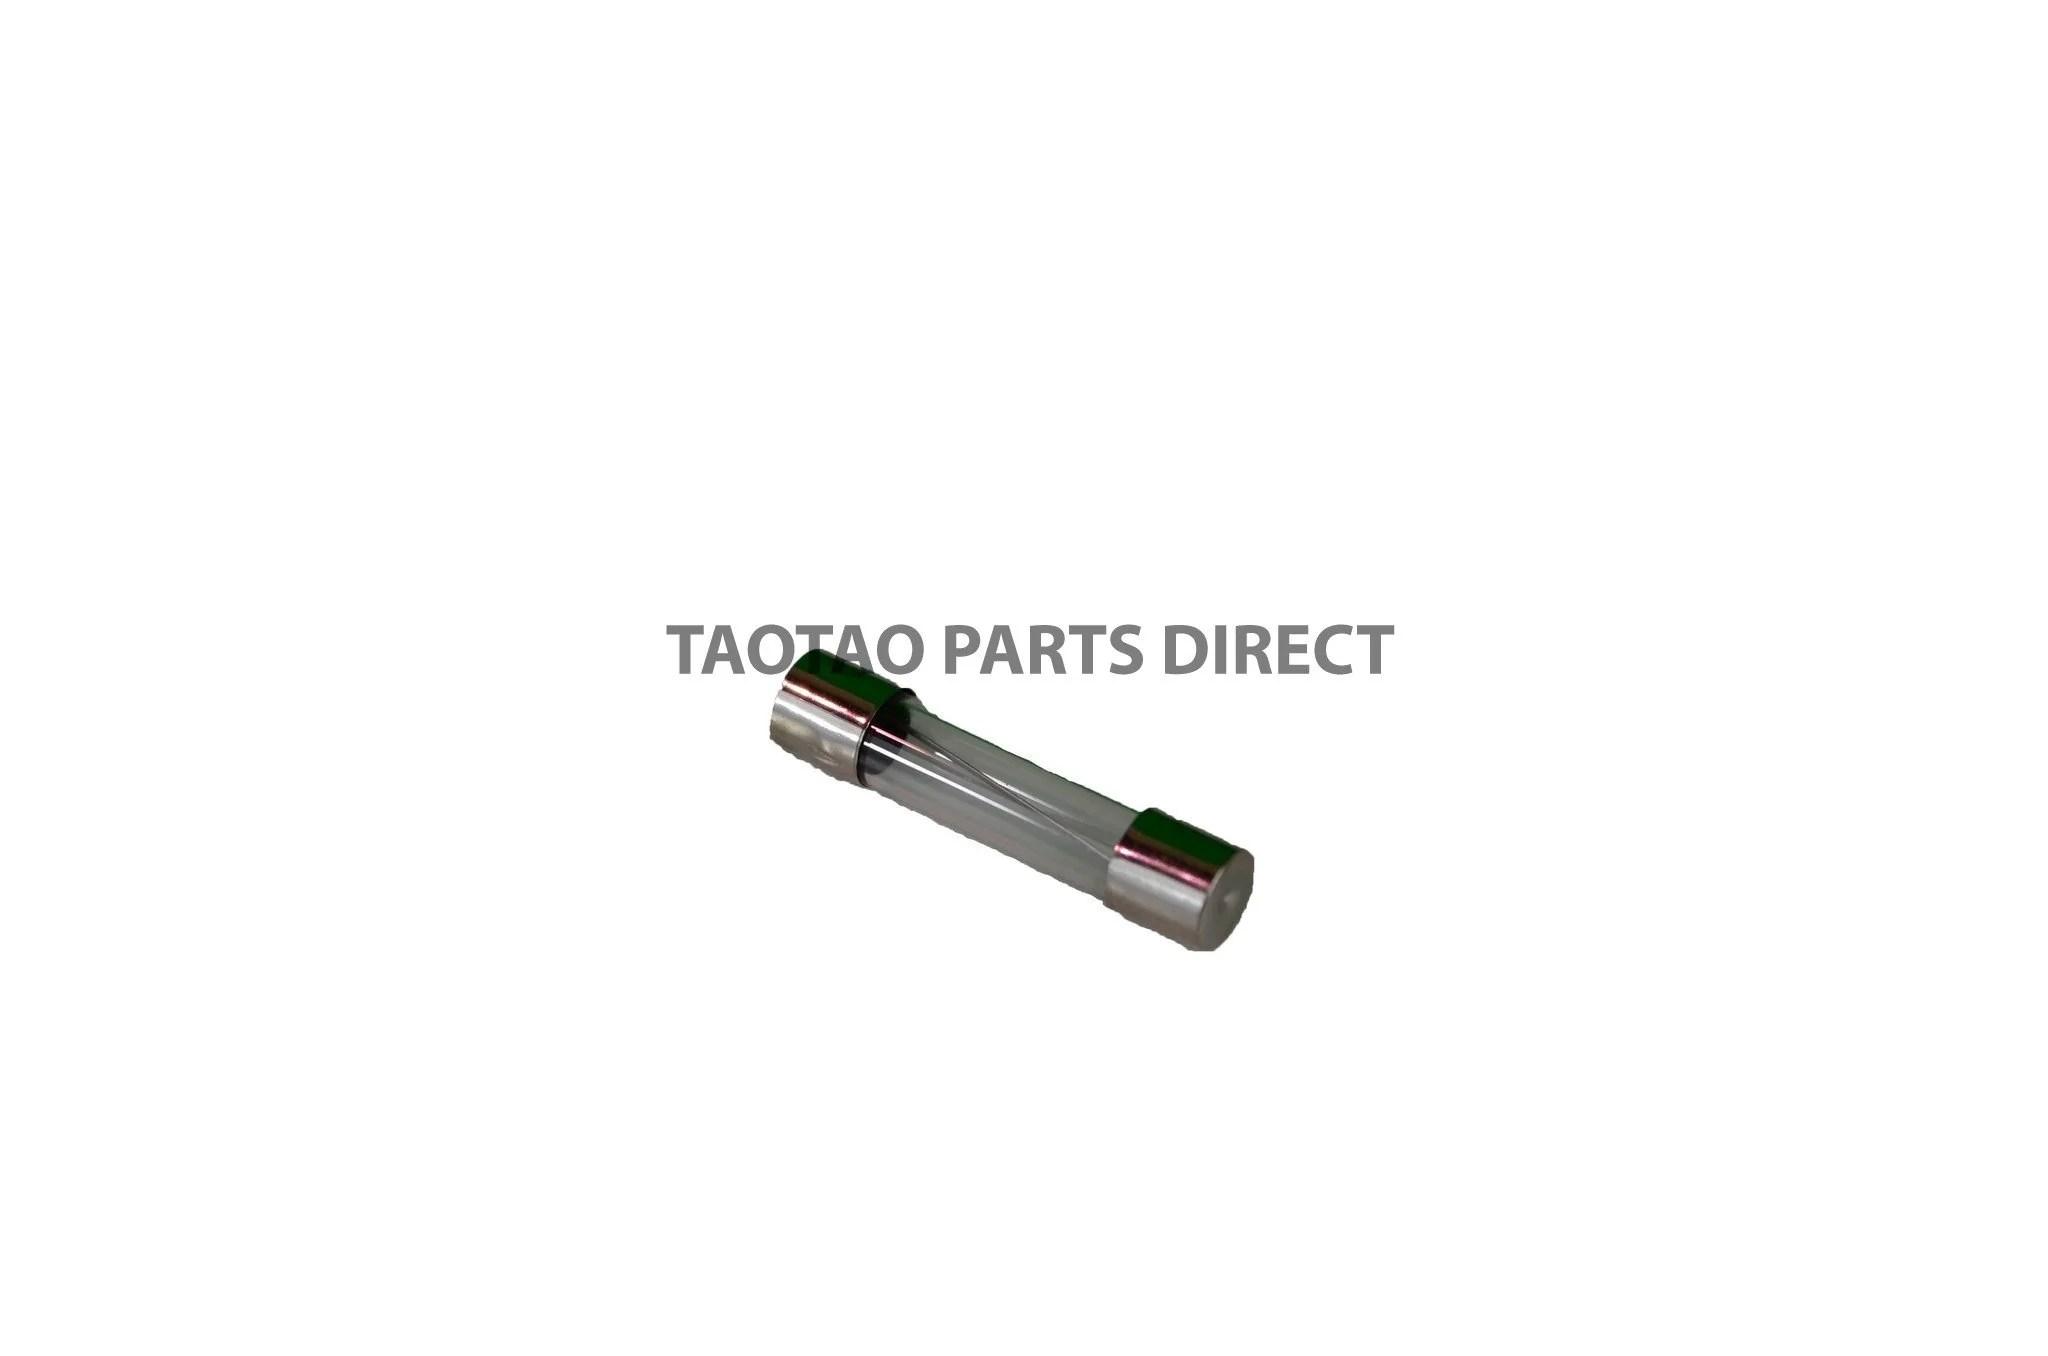 taotao fuse box wiring diagram10ah glass fuse taotao parts direct10ah glass fuse taotaopartsdirect com [ 2048 x 1356 Pixel ]